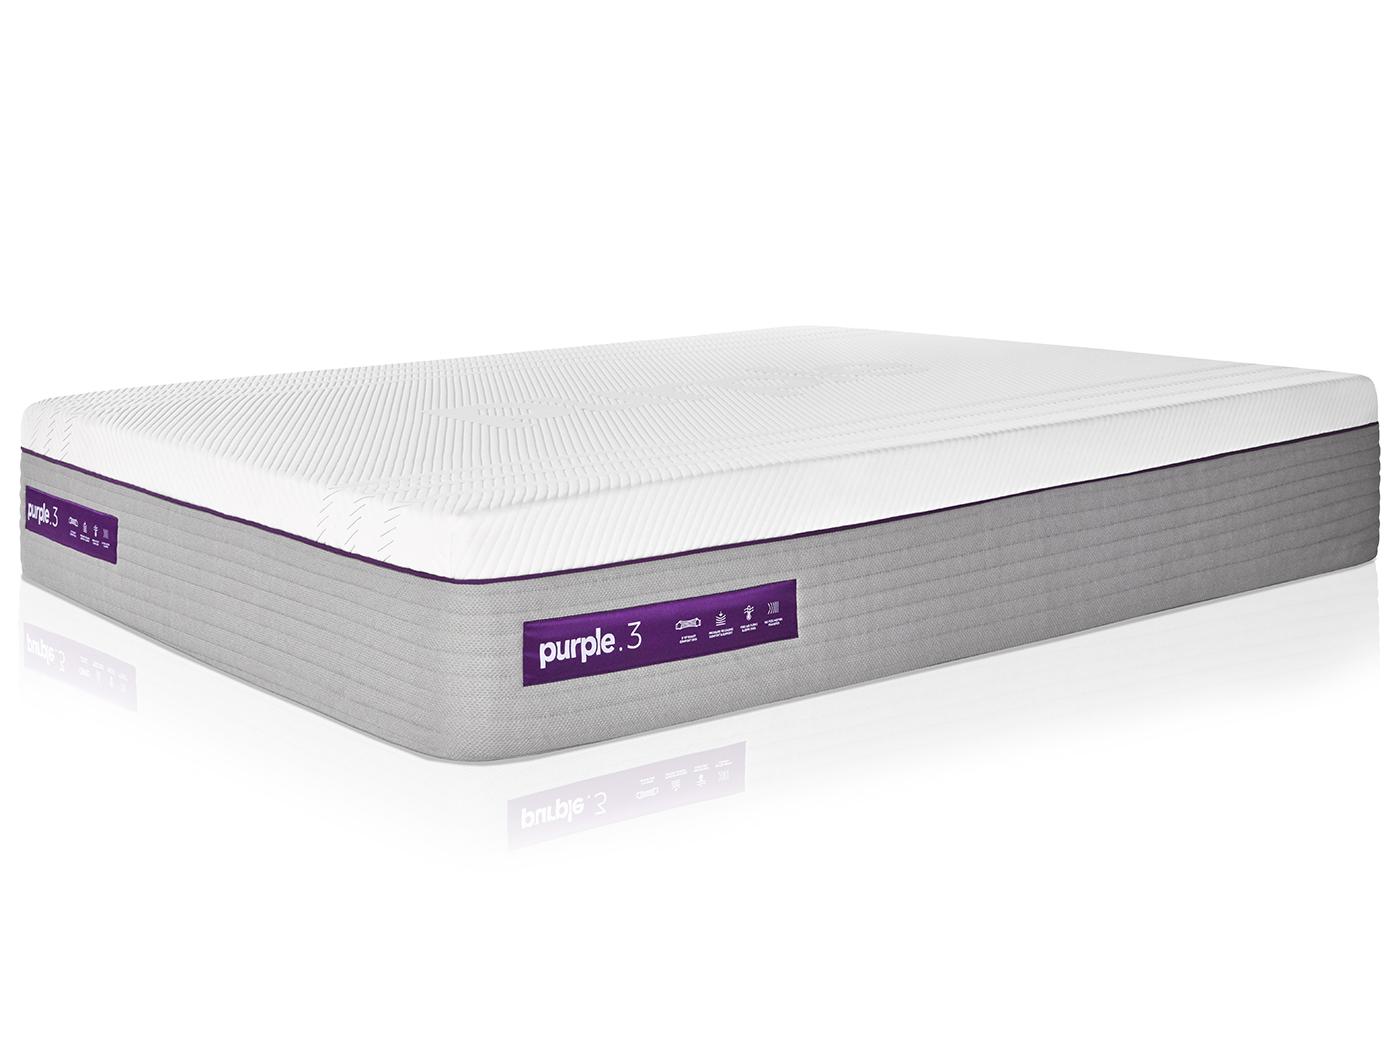 Purple Hybrid Premiere 3 Twin Xl Mattress Steinhafels